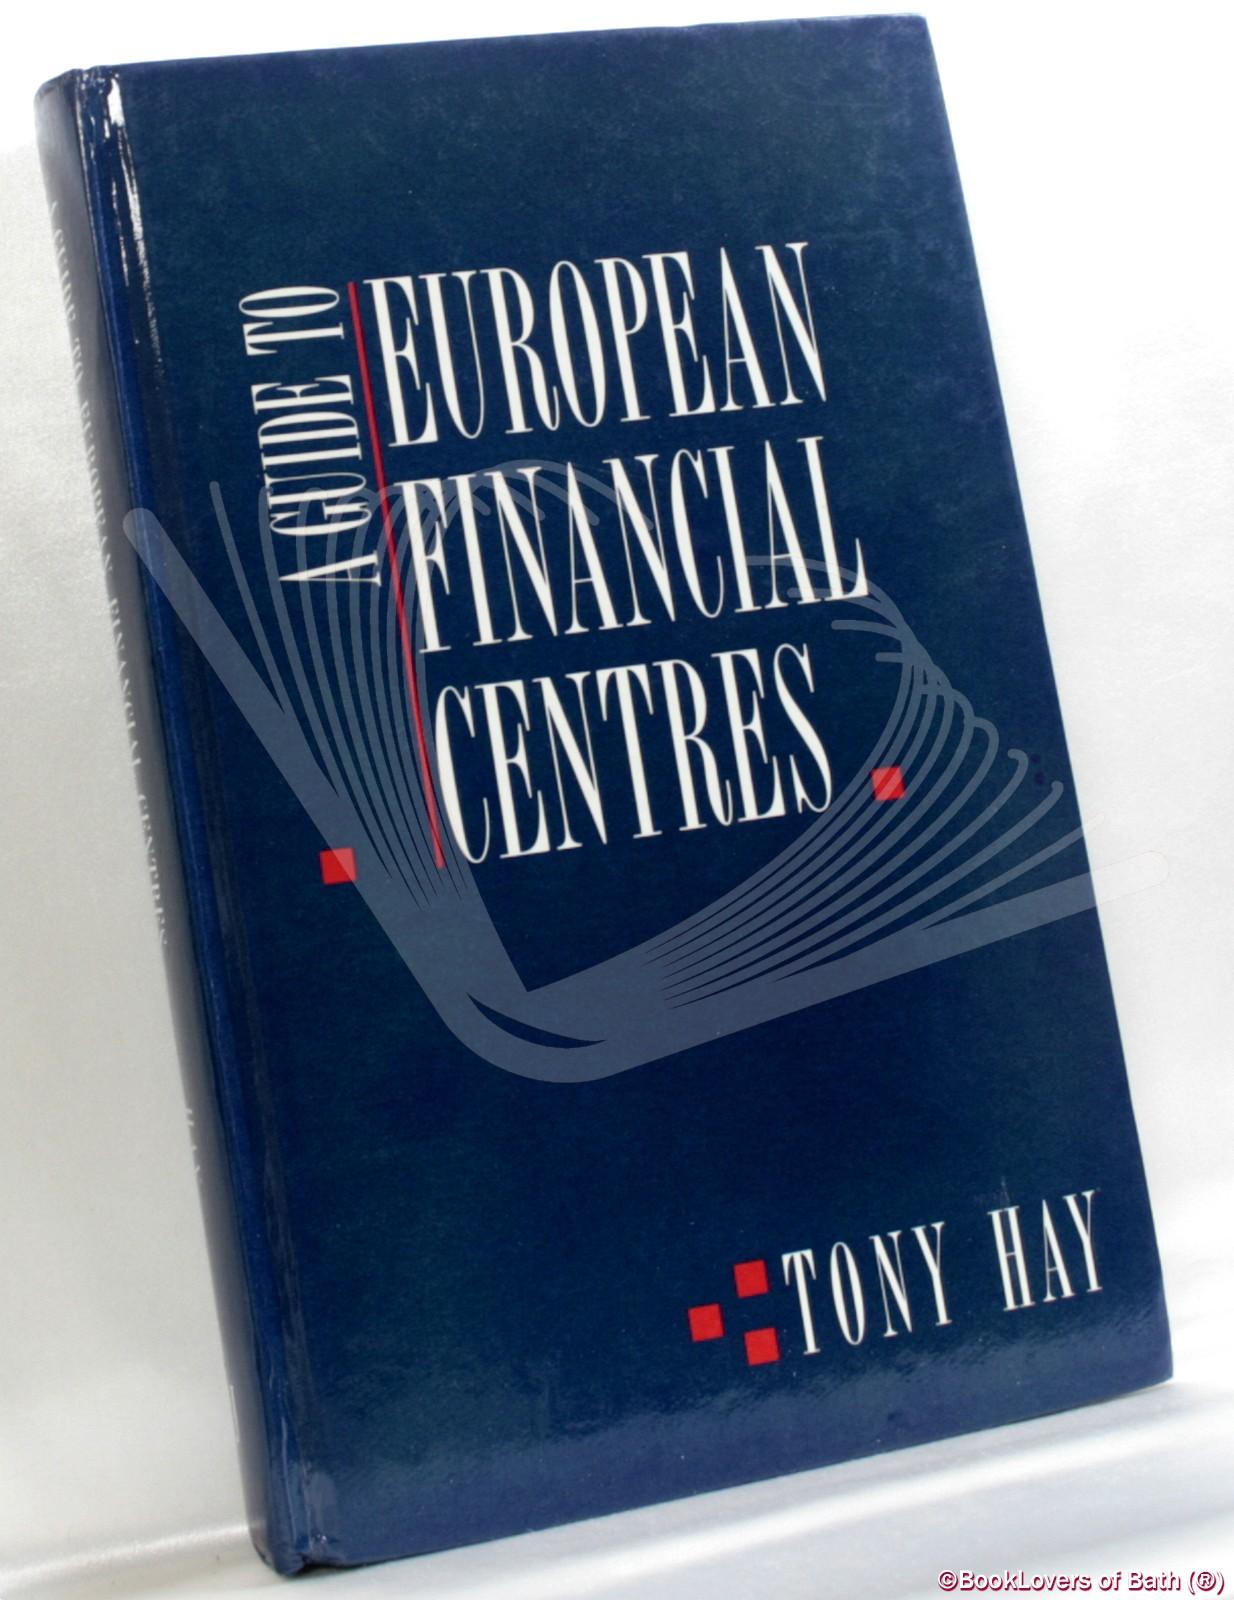 A Guide to European Financial Centres